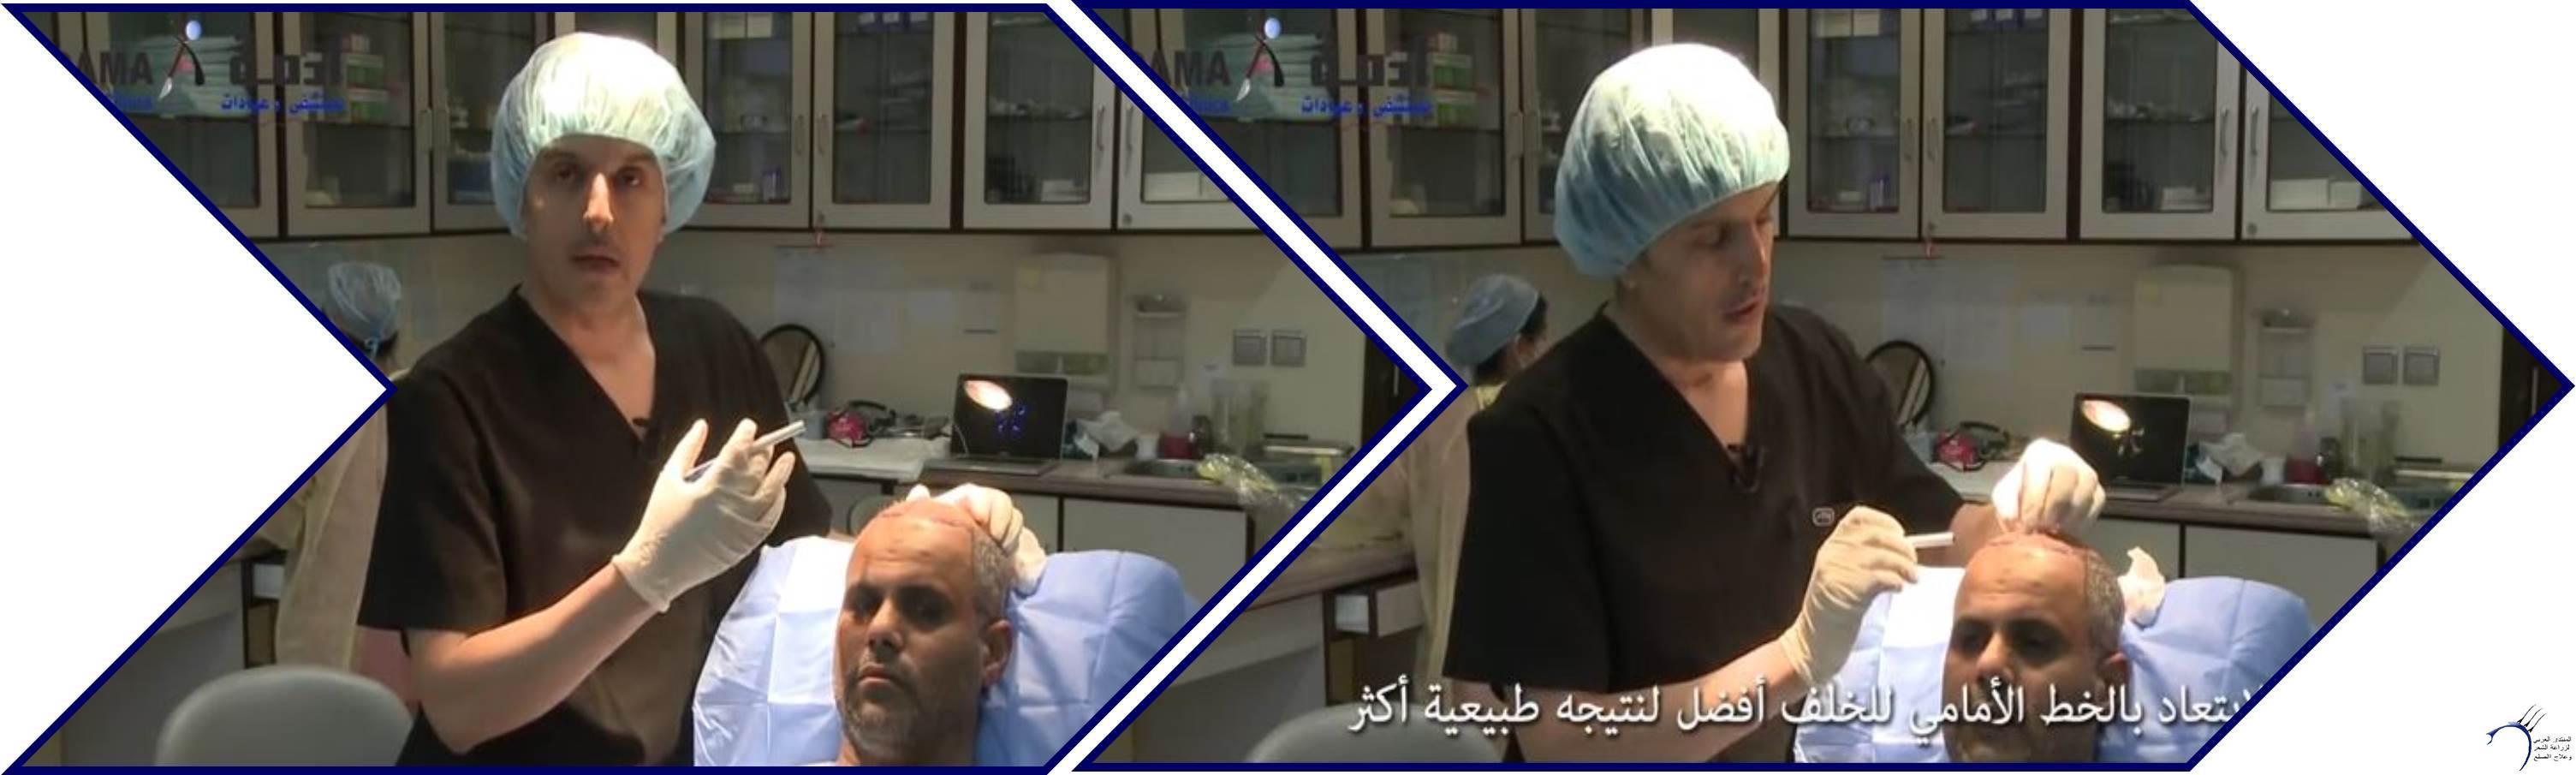 مشاكل الصلع وزراعة الشعر للدكتور www.hairarab.com4d27